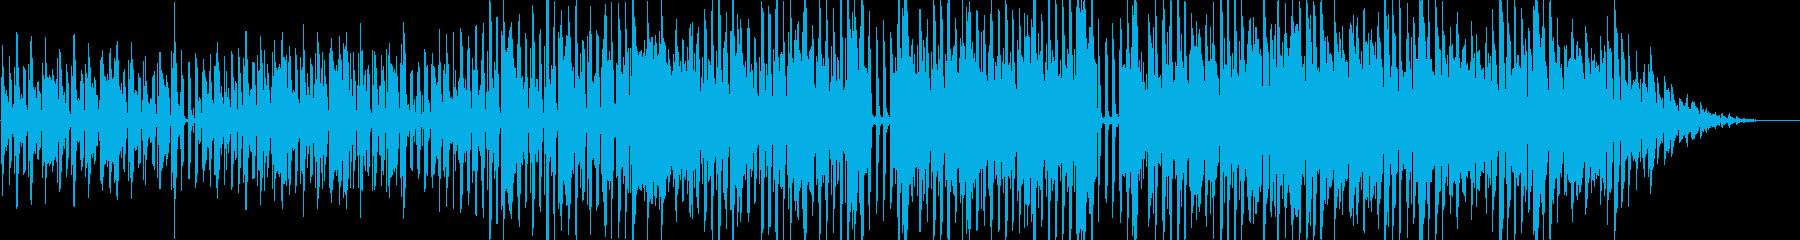 リコーダーのかわいいほのぼのPopの再生済みの波形